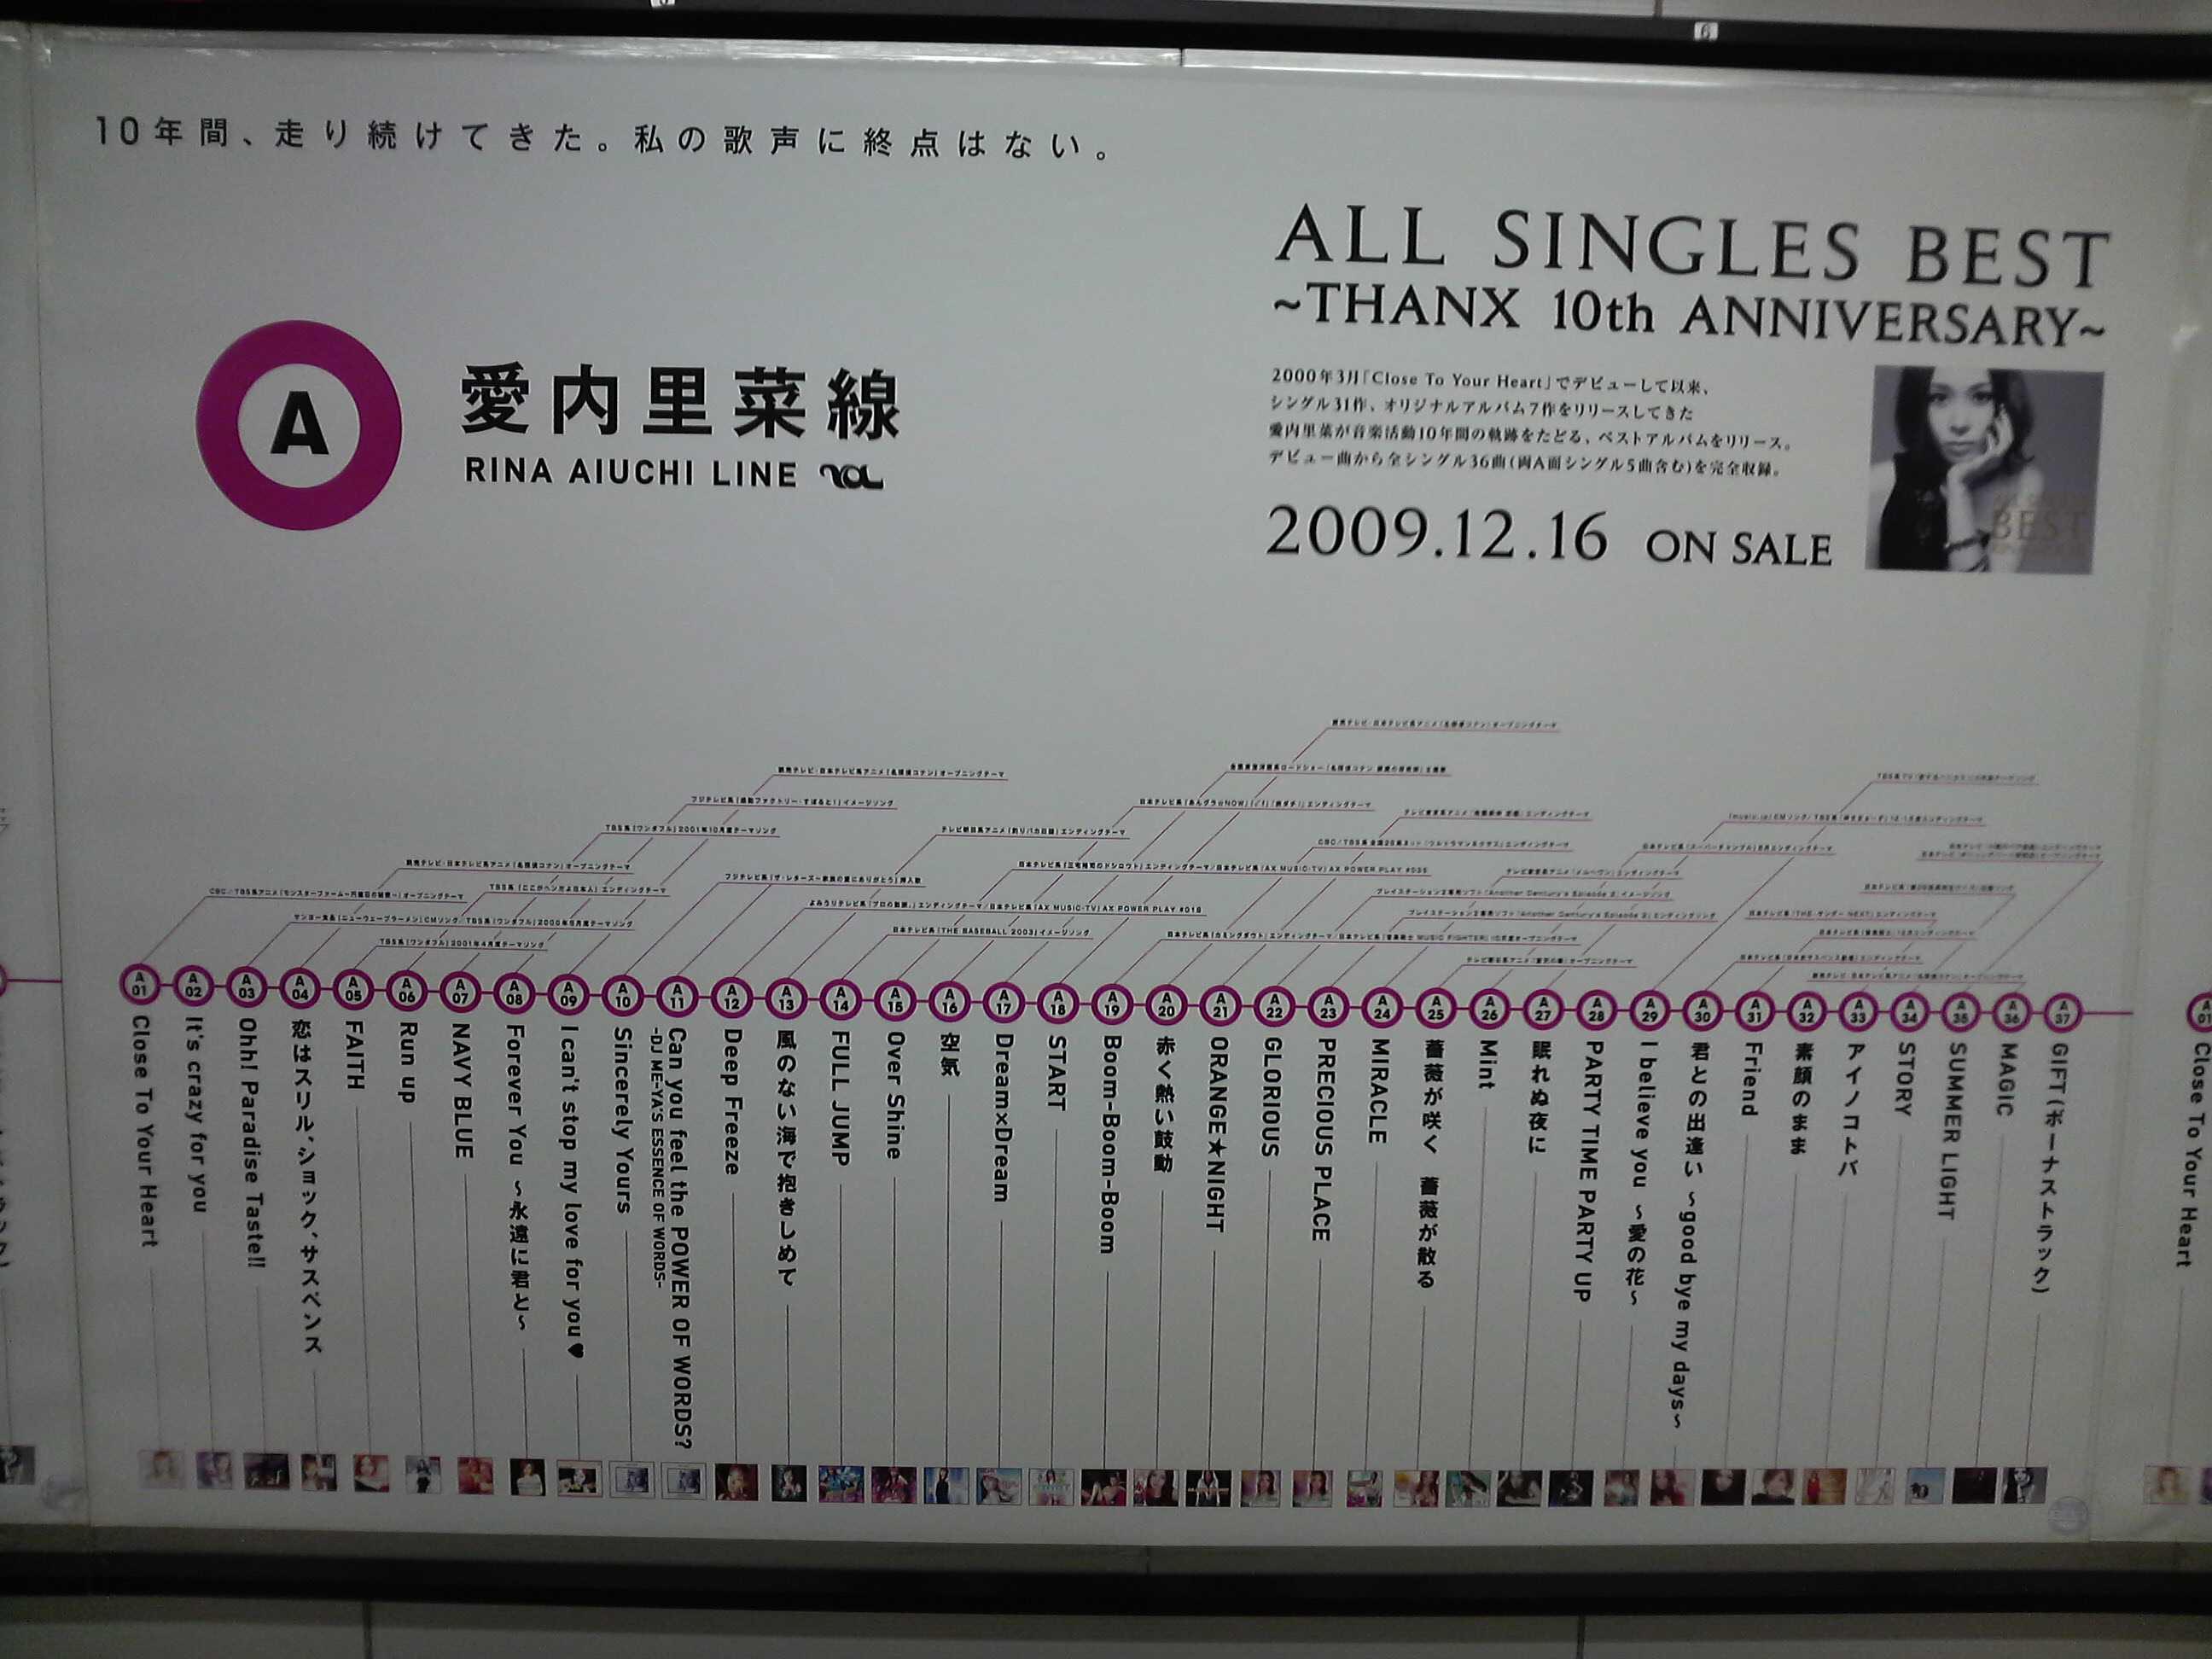 東京メトロ愛内里菜線なる広告(クリックで拡大)